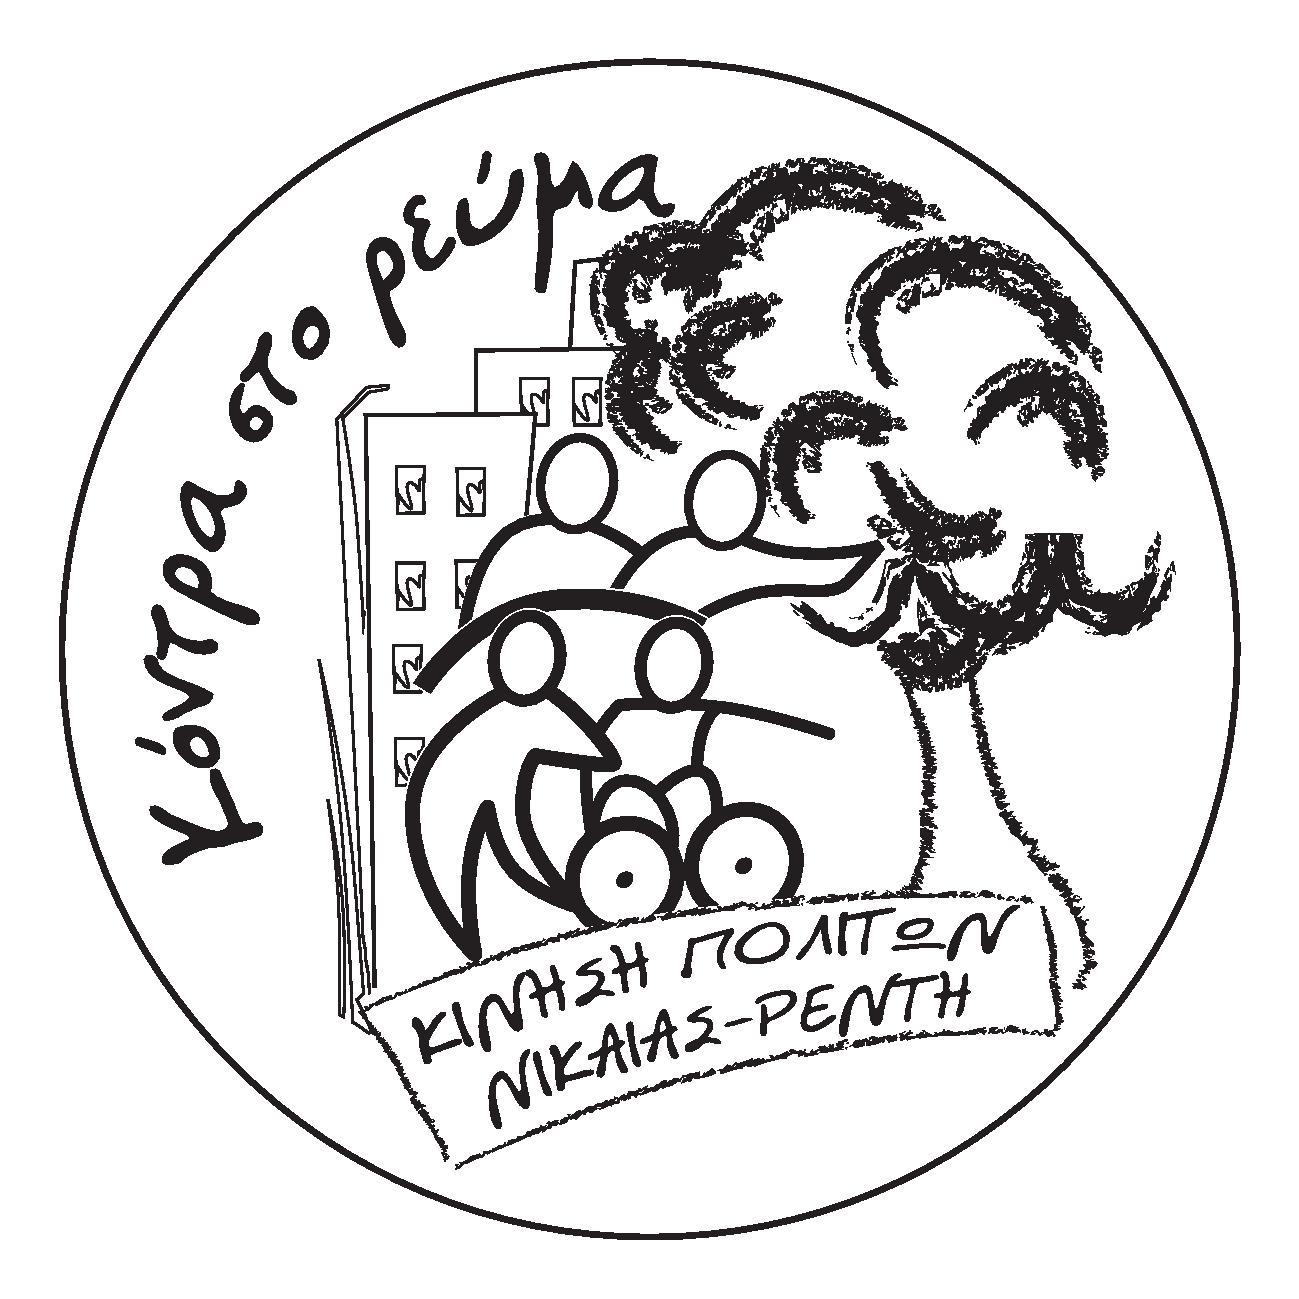 Τα Ψηφοδέλτια του «Κόντρα στο Ρεύμα» σε Νίκαια, Ρέντη και Κοινότητα Νίκαιας.